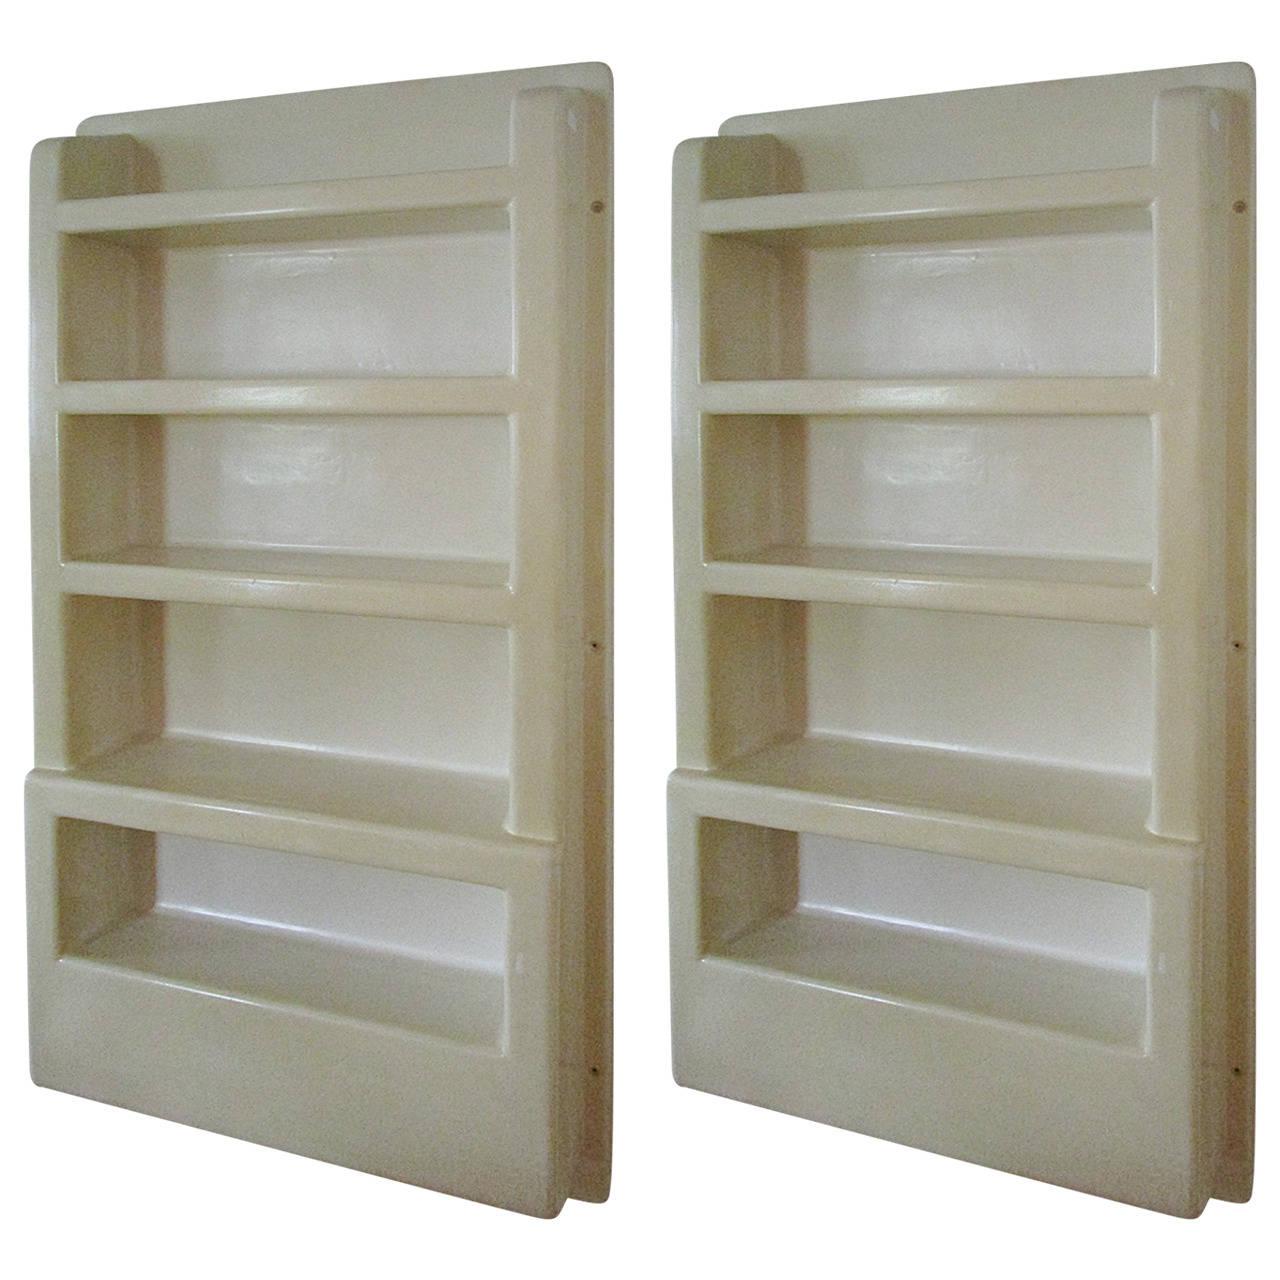 wall mounted plastic shelves photo - 3